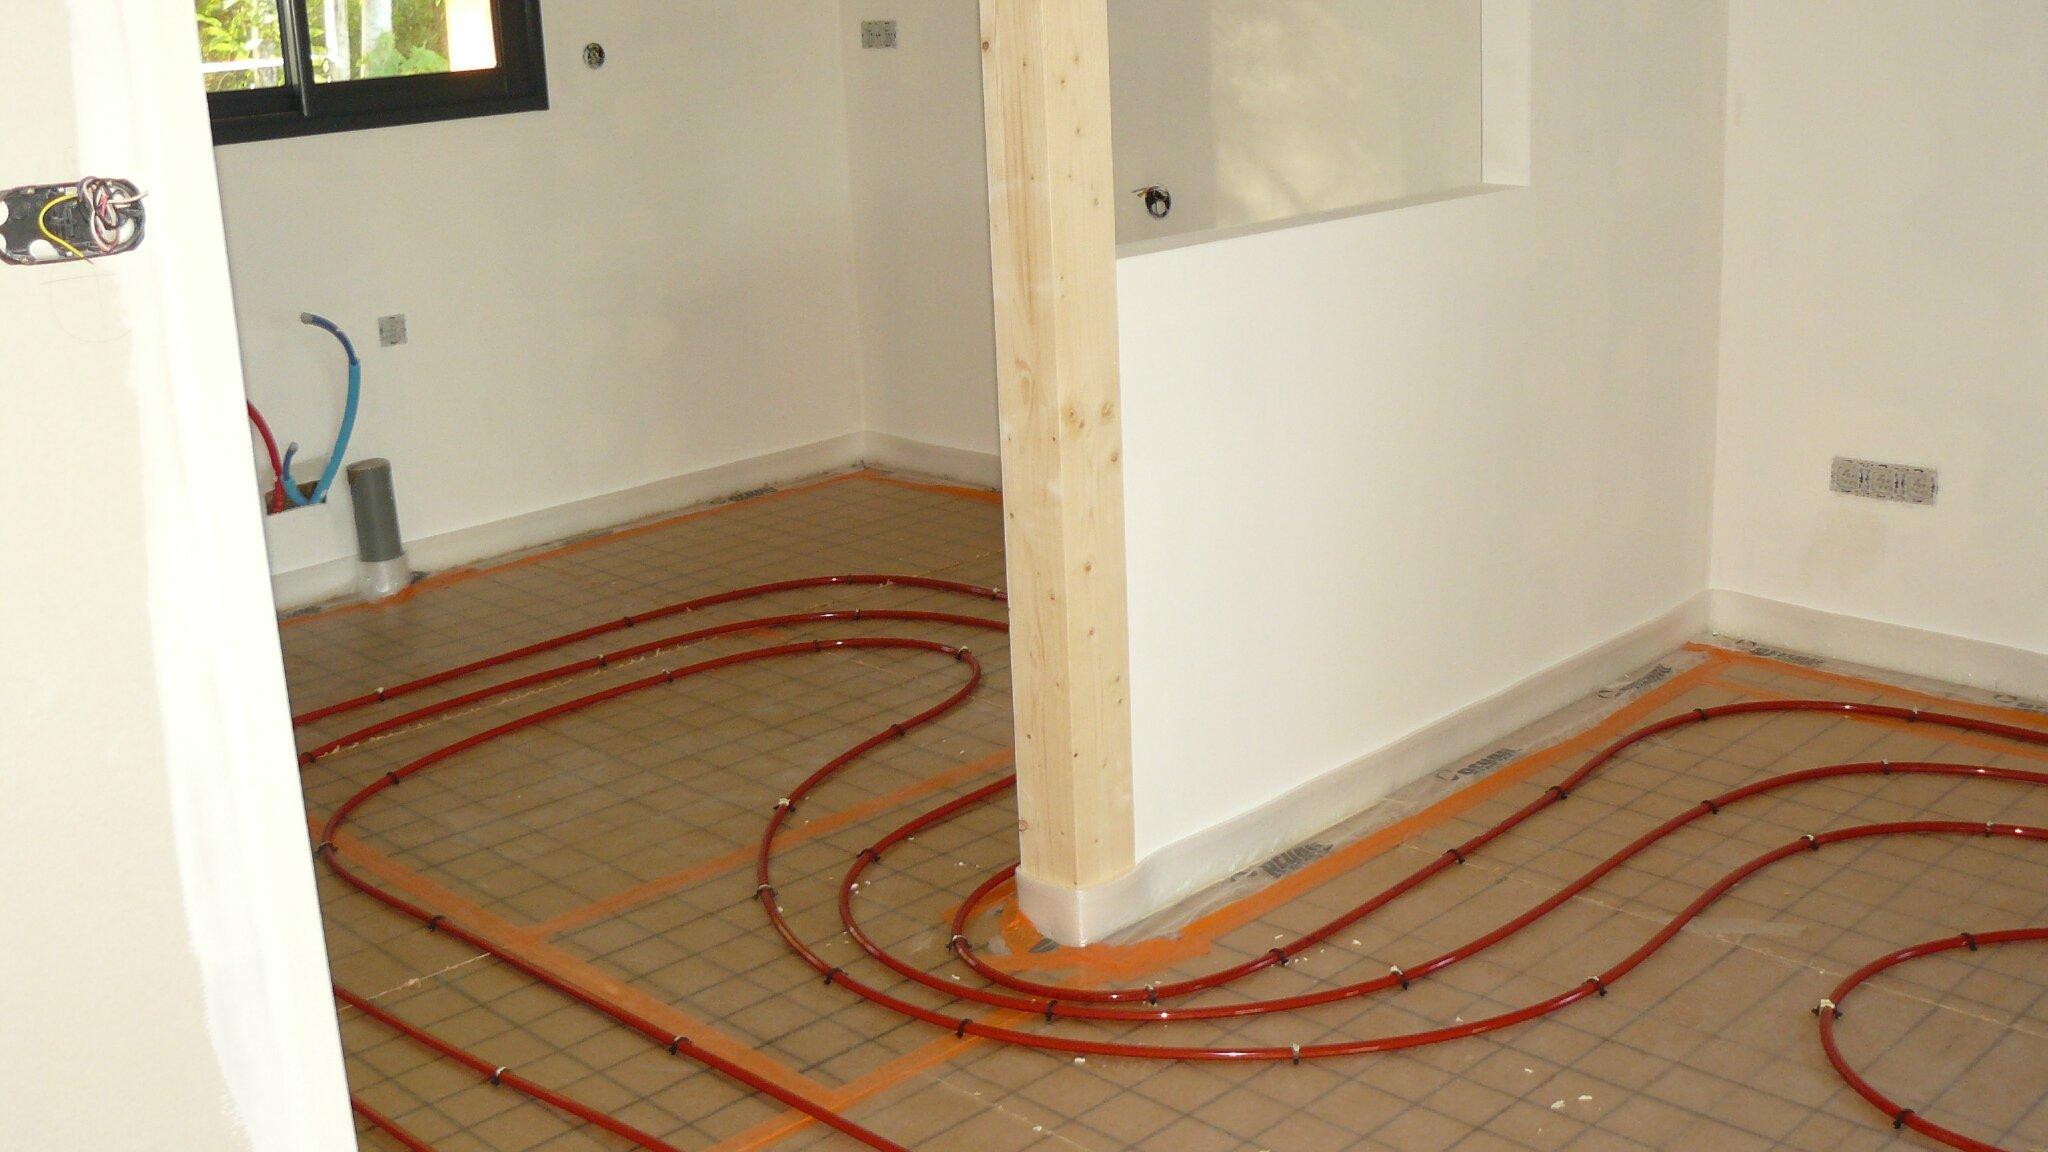 Pose chauffage au sol rehau notre projet de maison ossature bois c t lac for Plancher chauffant rehau